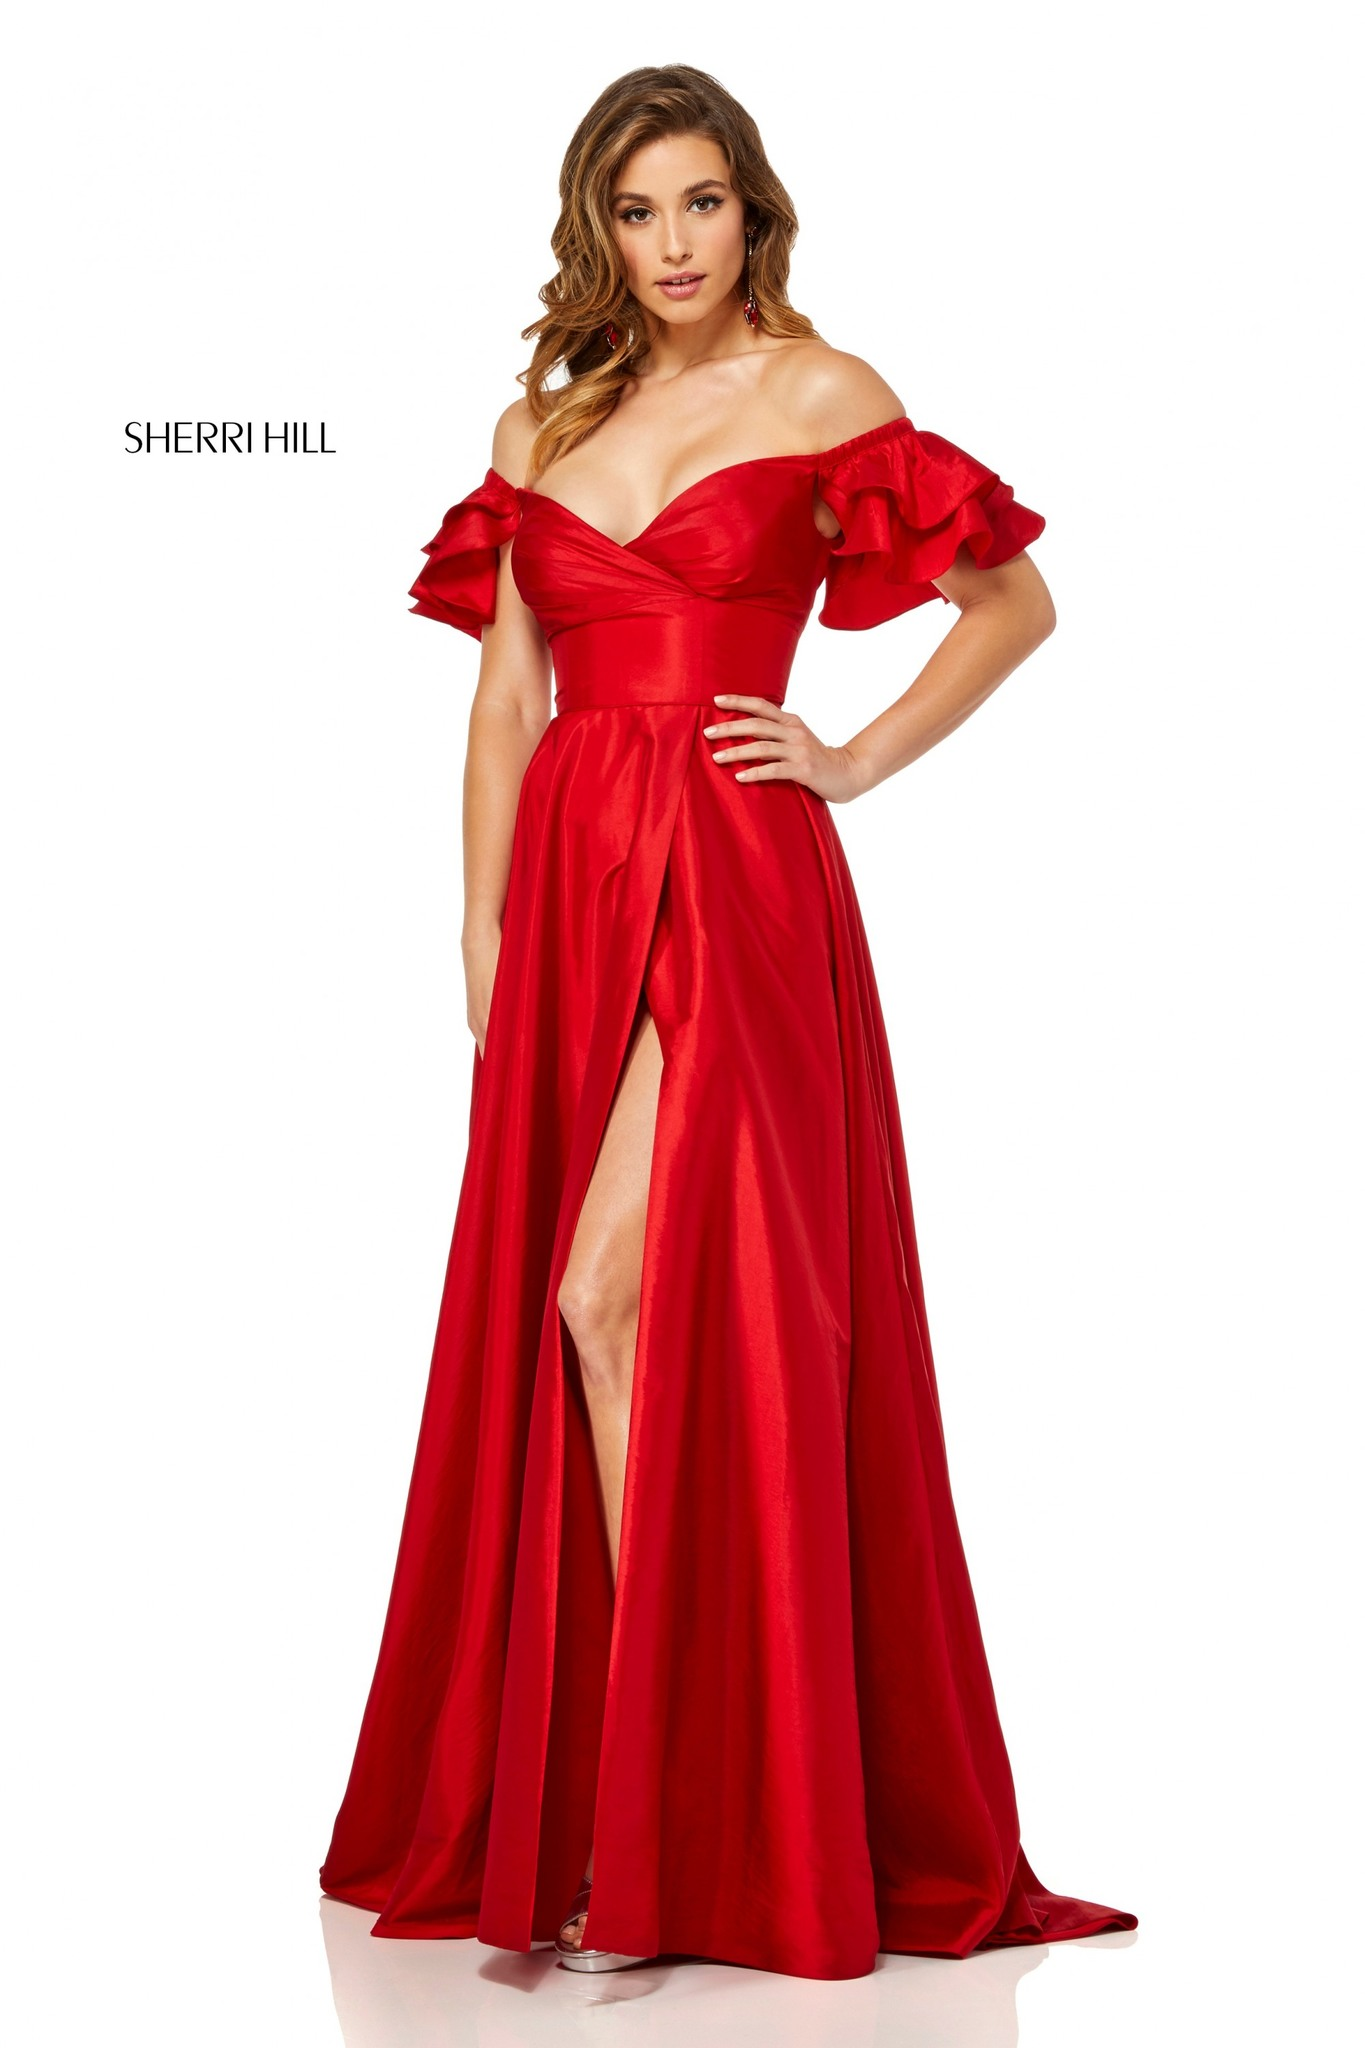 Красное платье Sherri Hill 52469 в пол с разрезом  и вырезом на плечах